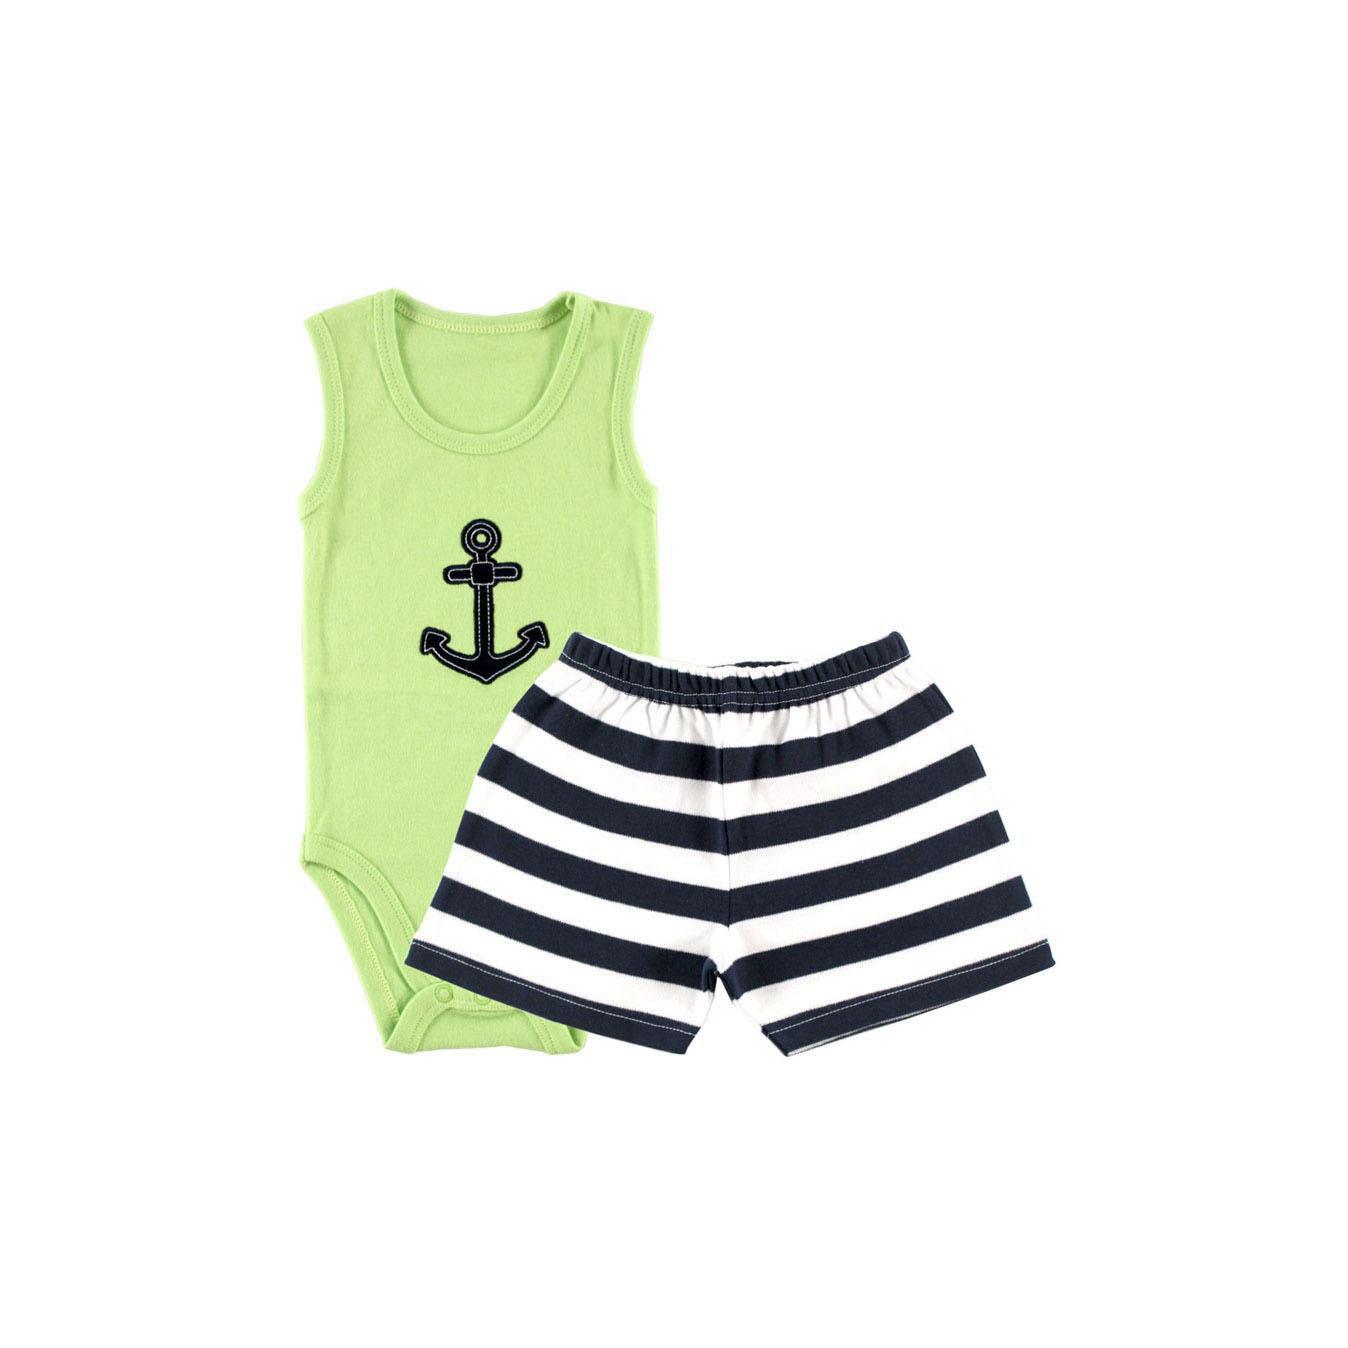 Комплект Hudson Baby Боди-майка и шорты Якорь, 2 пр., для мальчика, цвет зеленый 0-3 мес. (55-61 см)